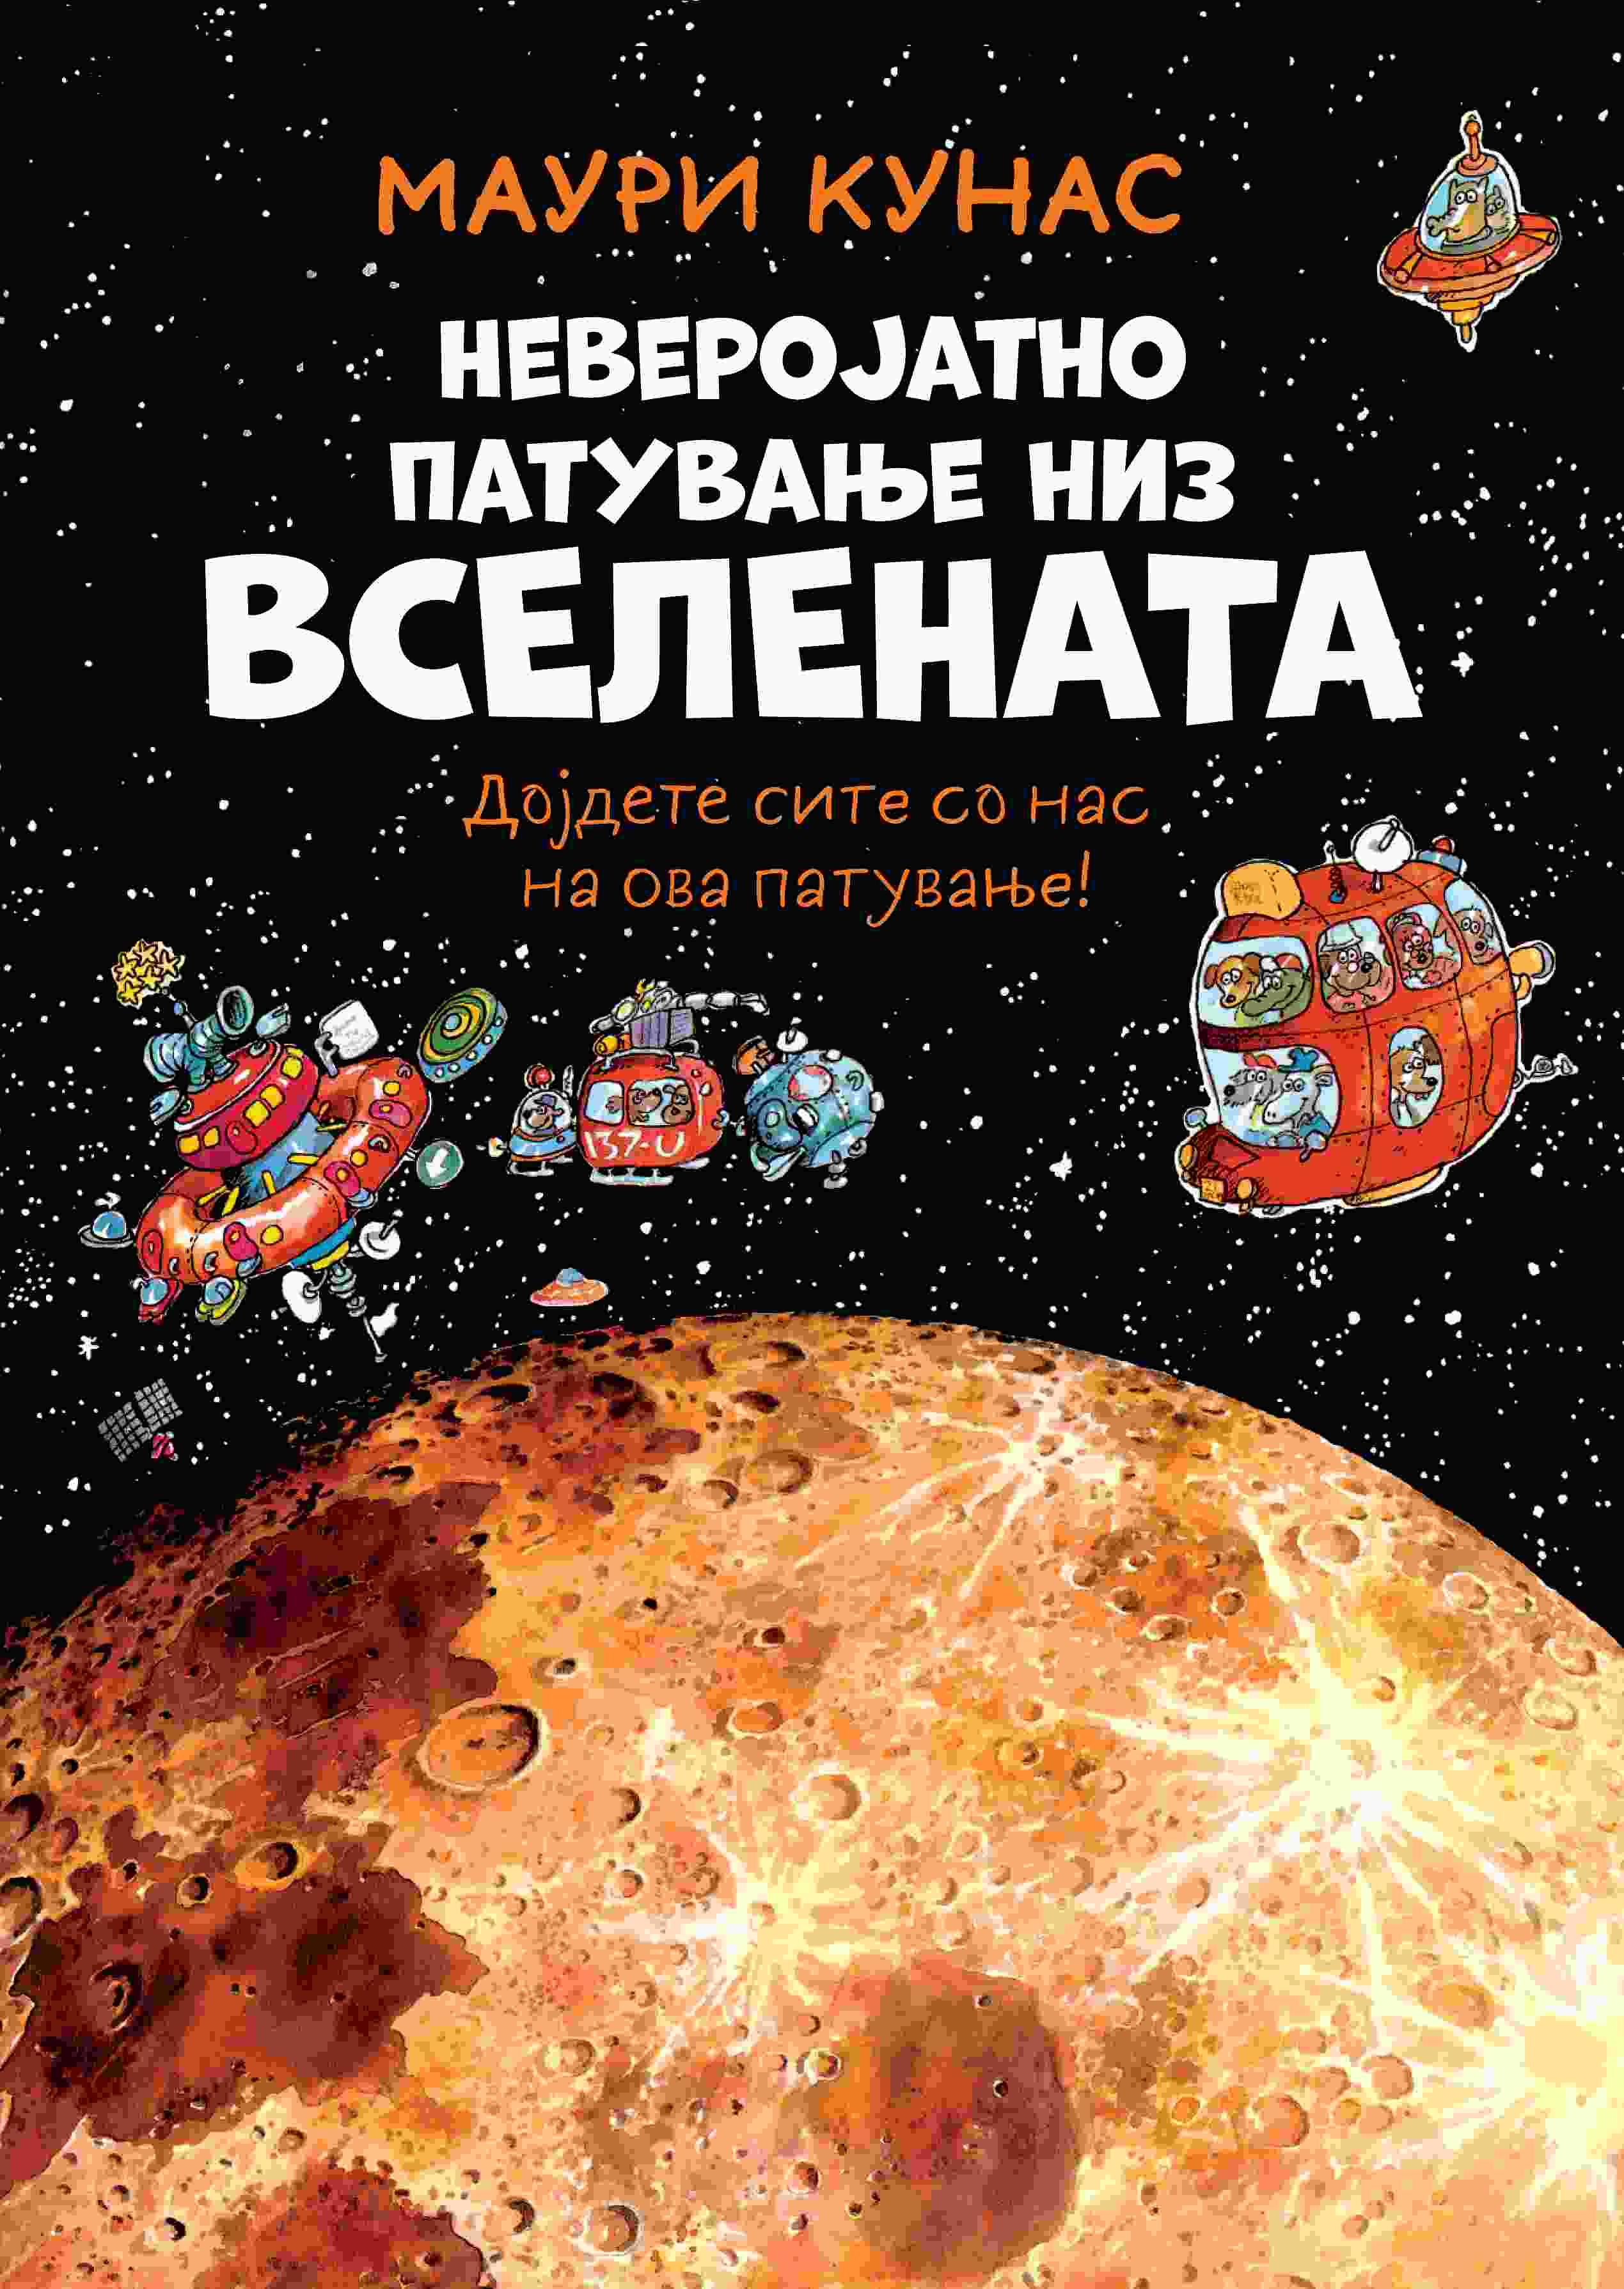 Неверојатно патување низ вселената